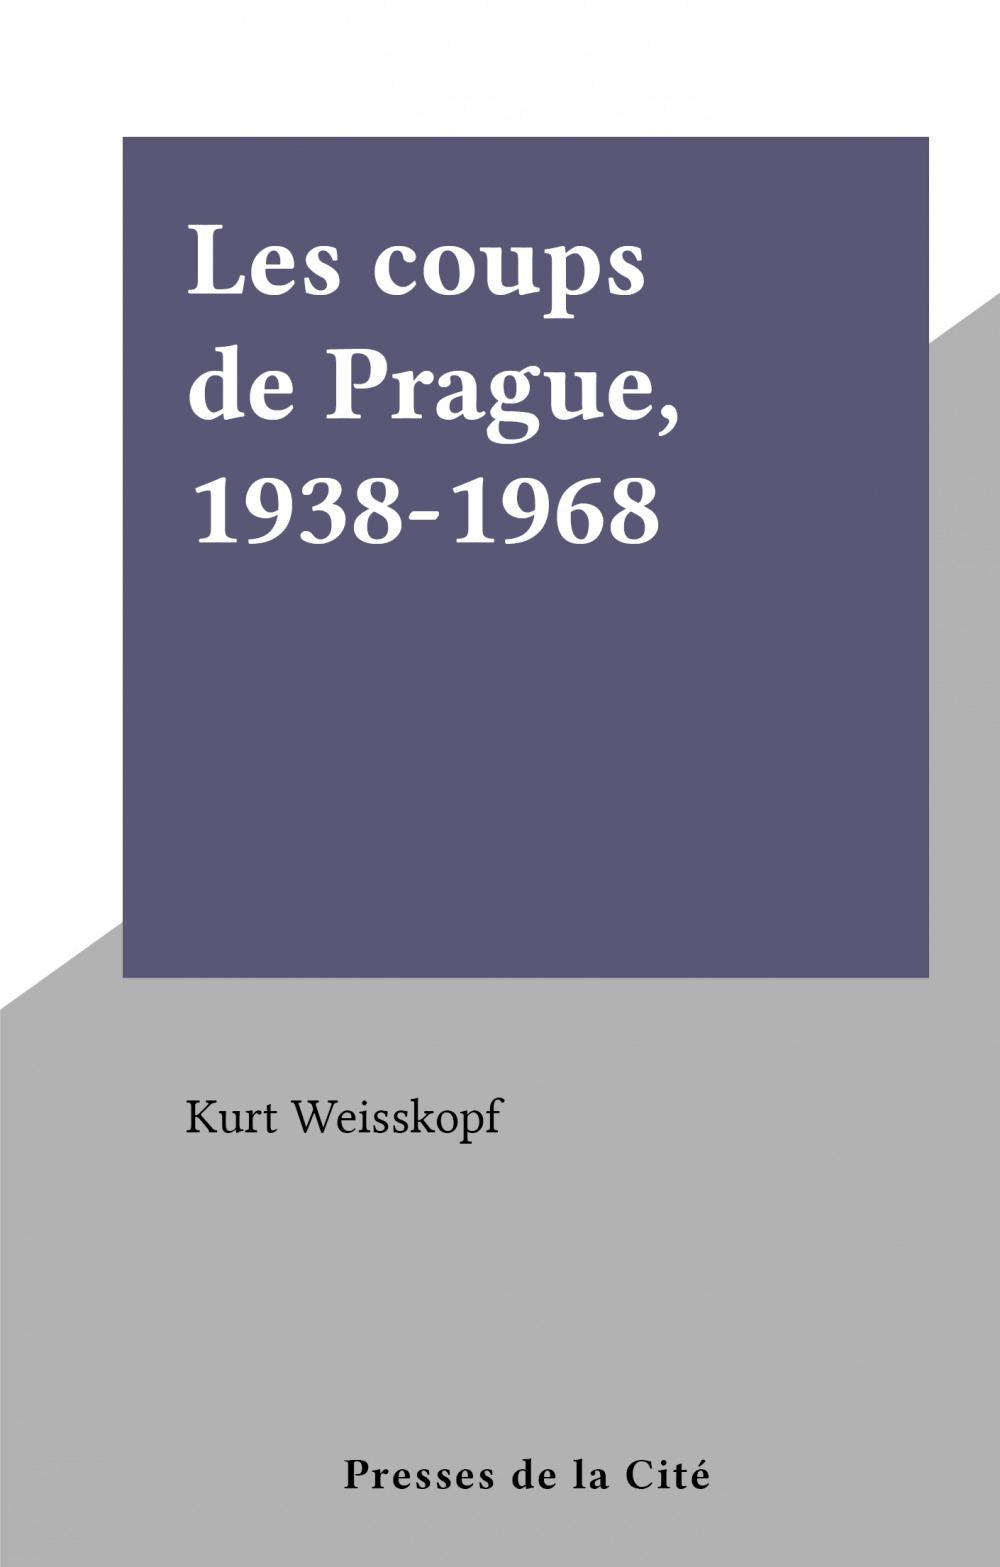 Les coups de Prague, 1938-1968  - Kurt Weisskopf